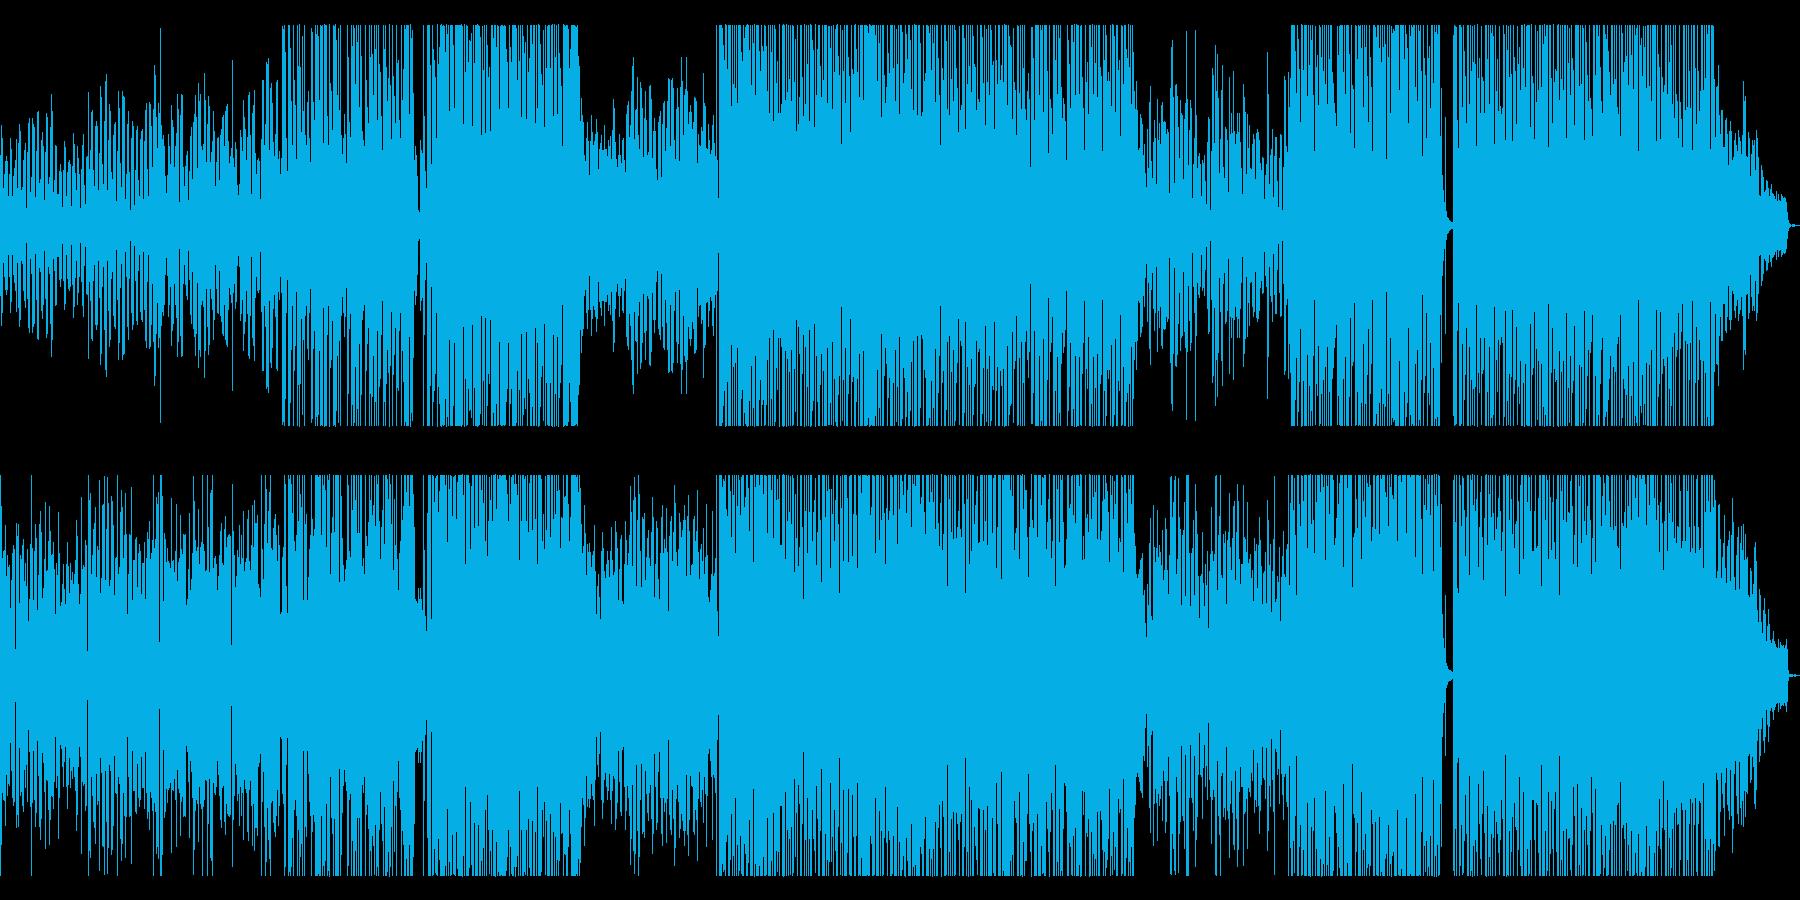 「幸せ」がテーマのアコギバラードの再生済みの波形